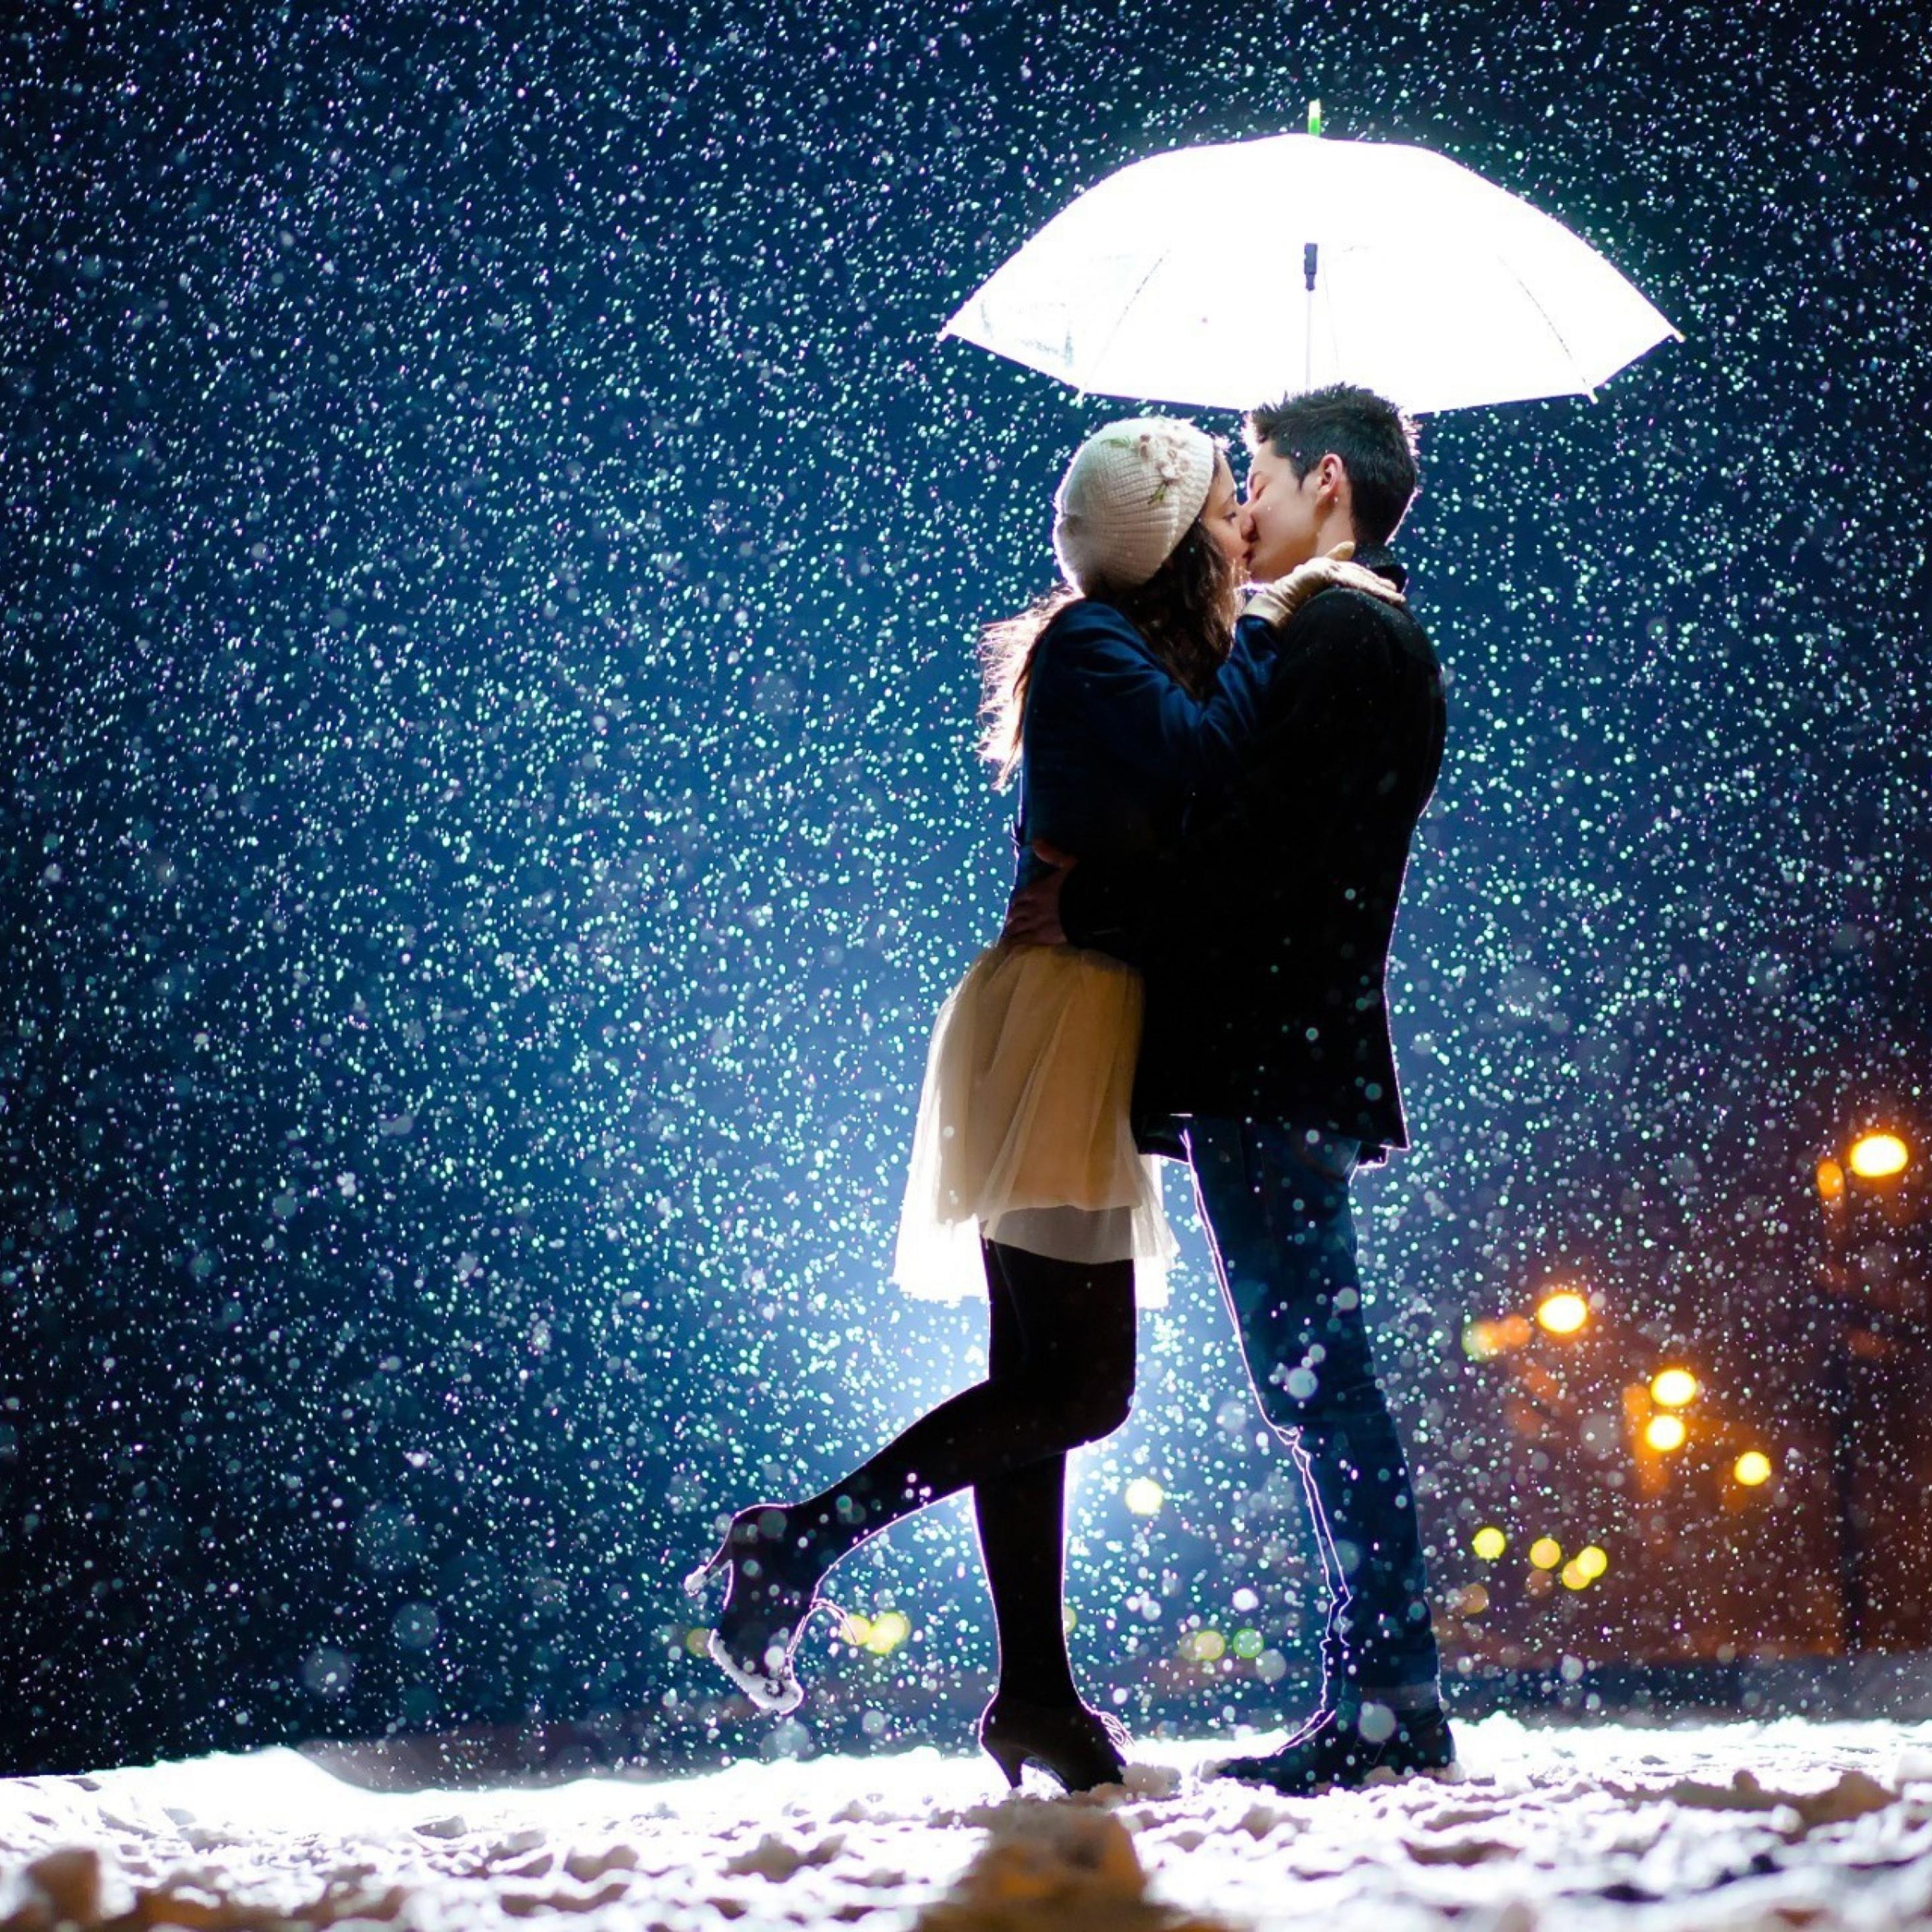 2932x2932 couple kiss in snow ipad pro retina display hd - 4k kiss wallpaper ...